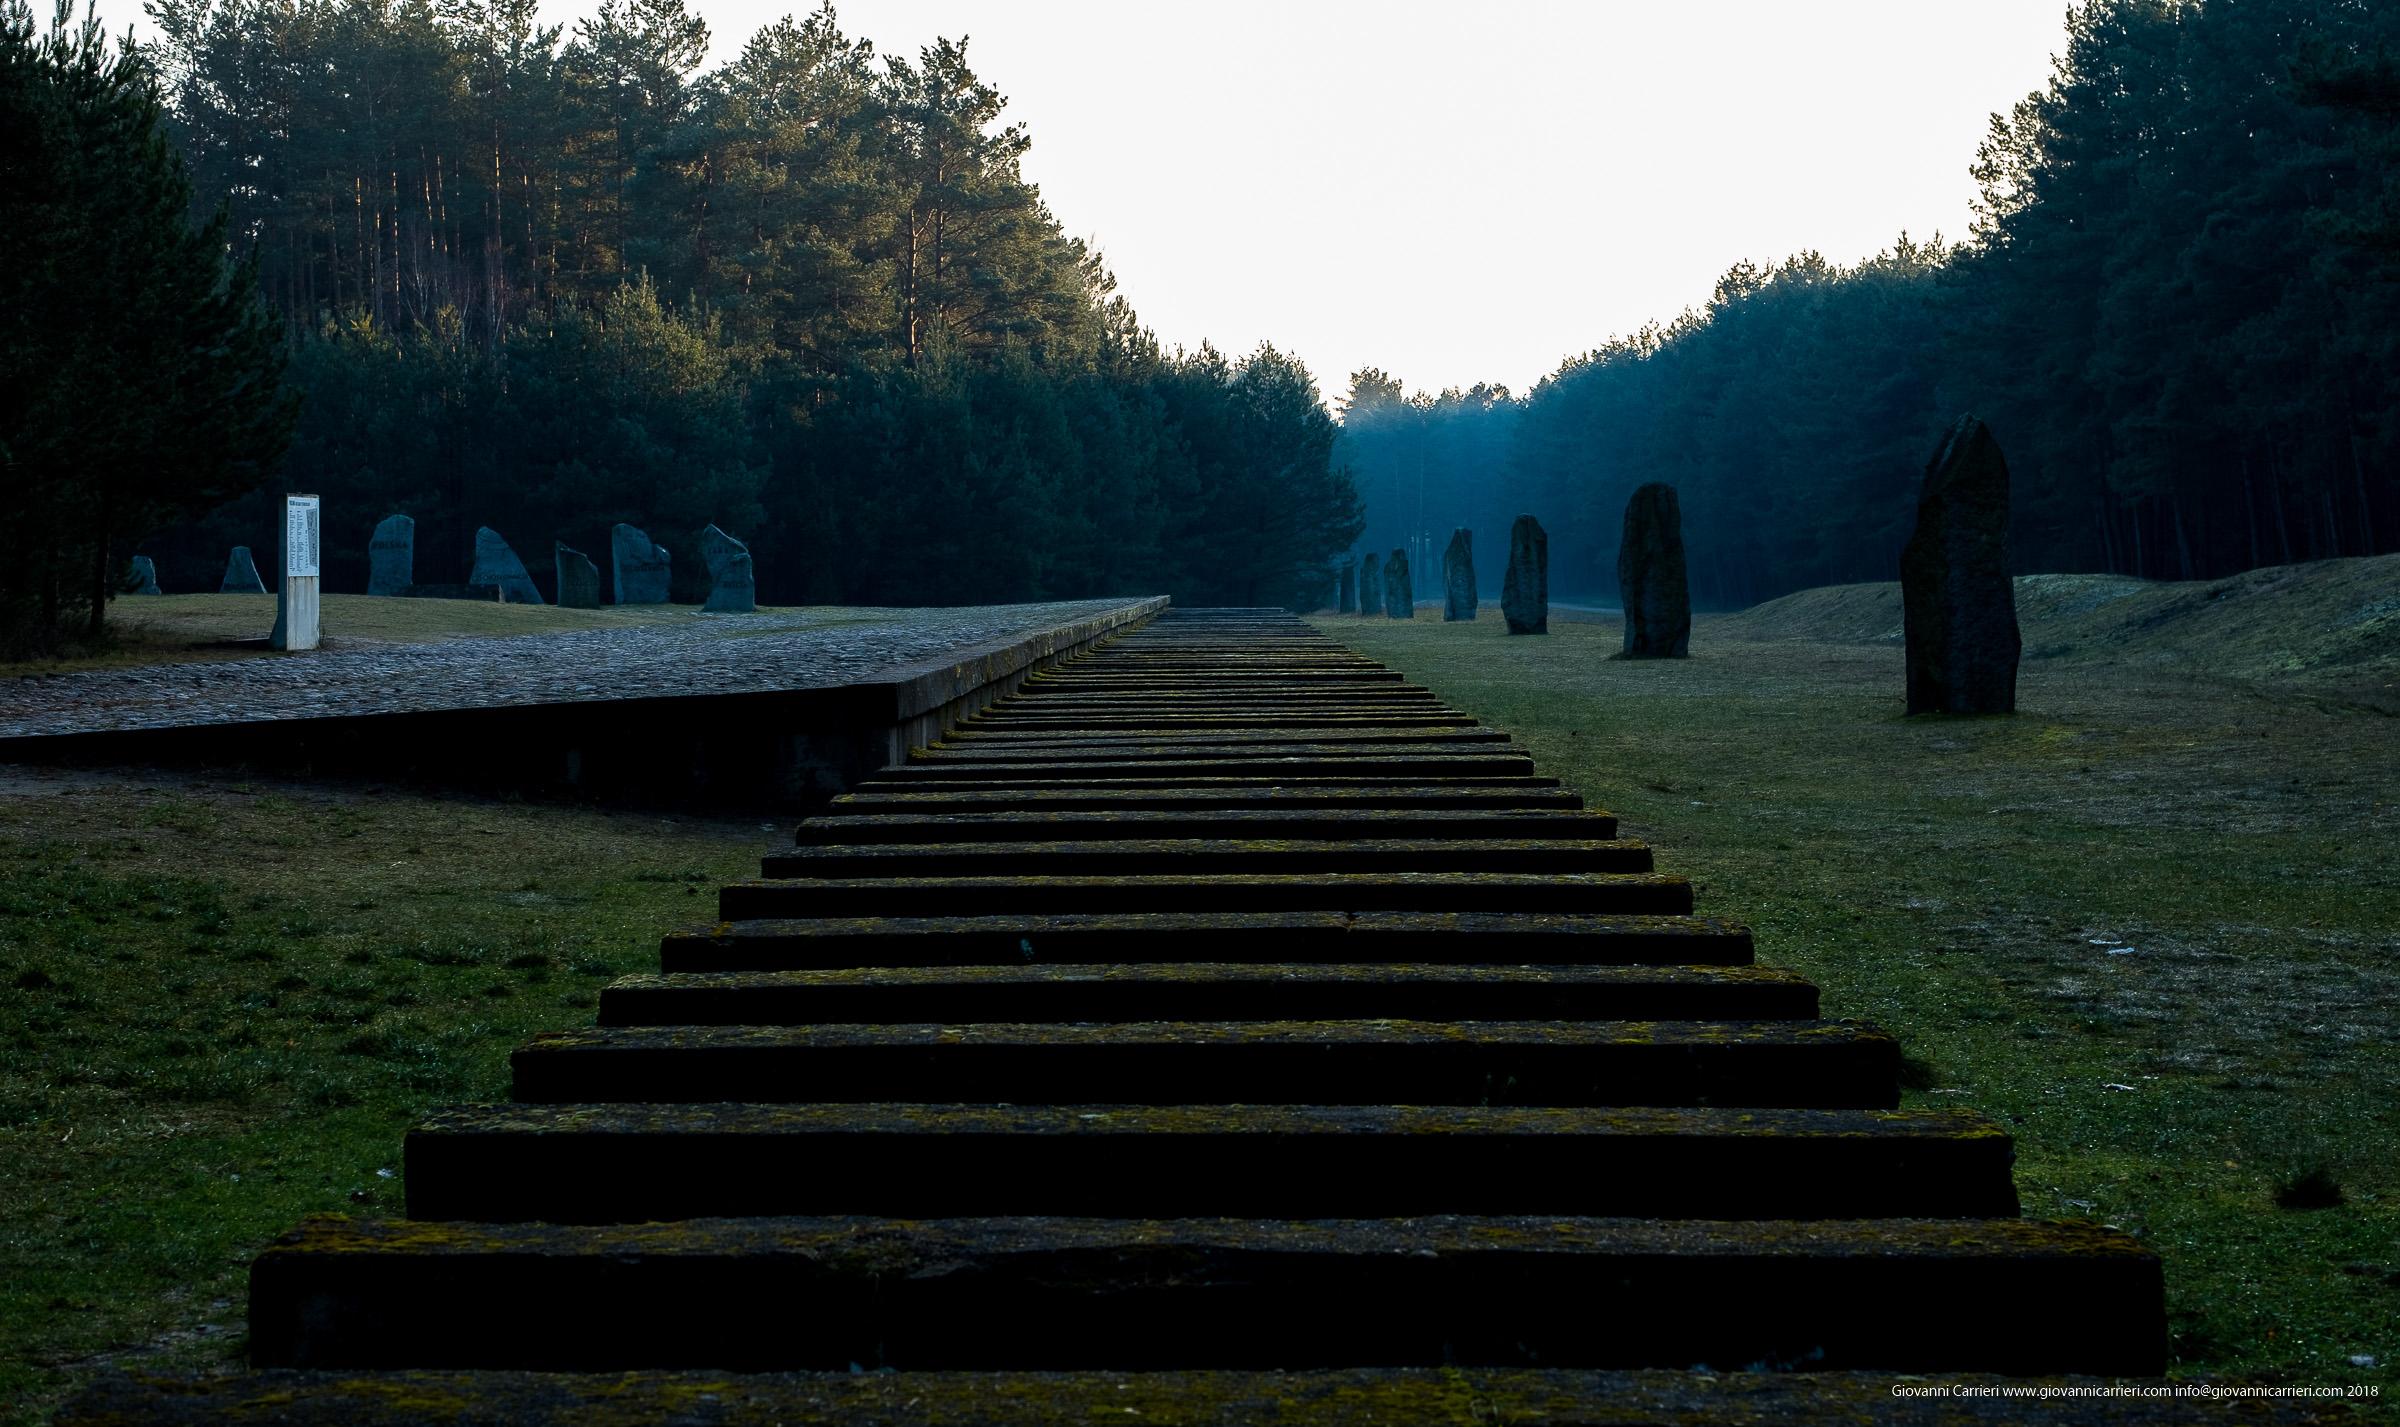 La rampa dei treni di Treblinka